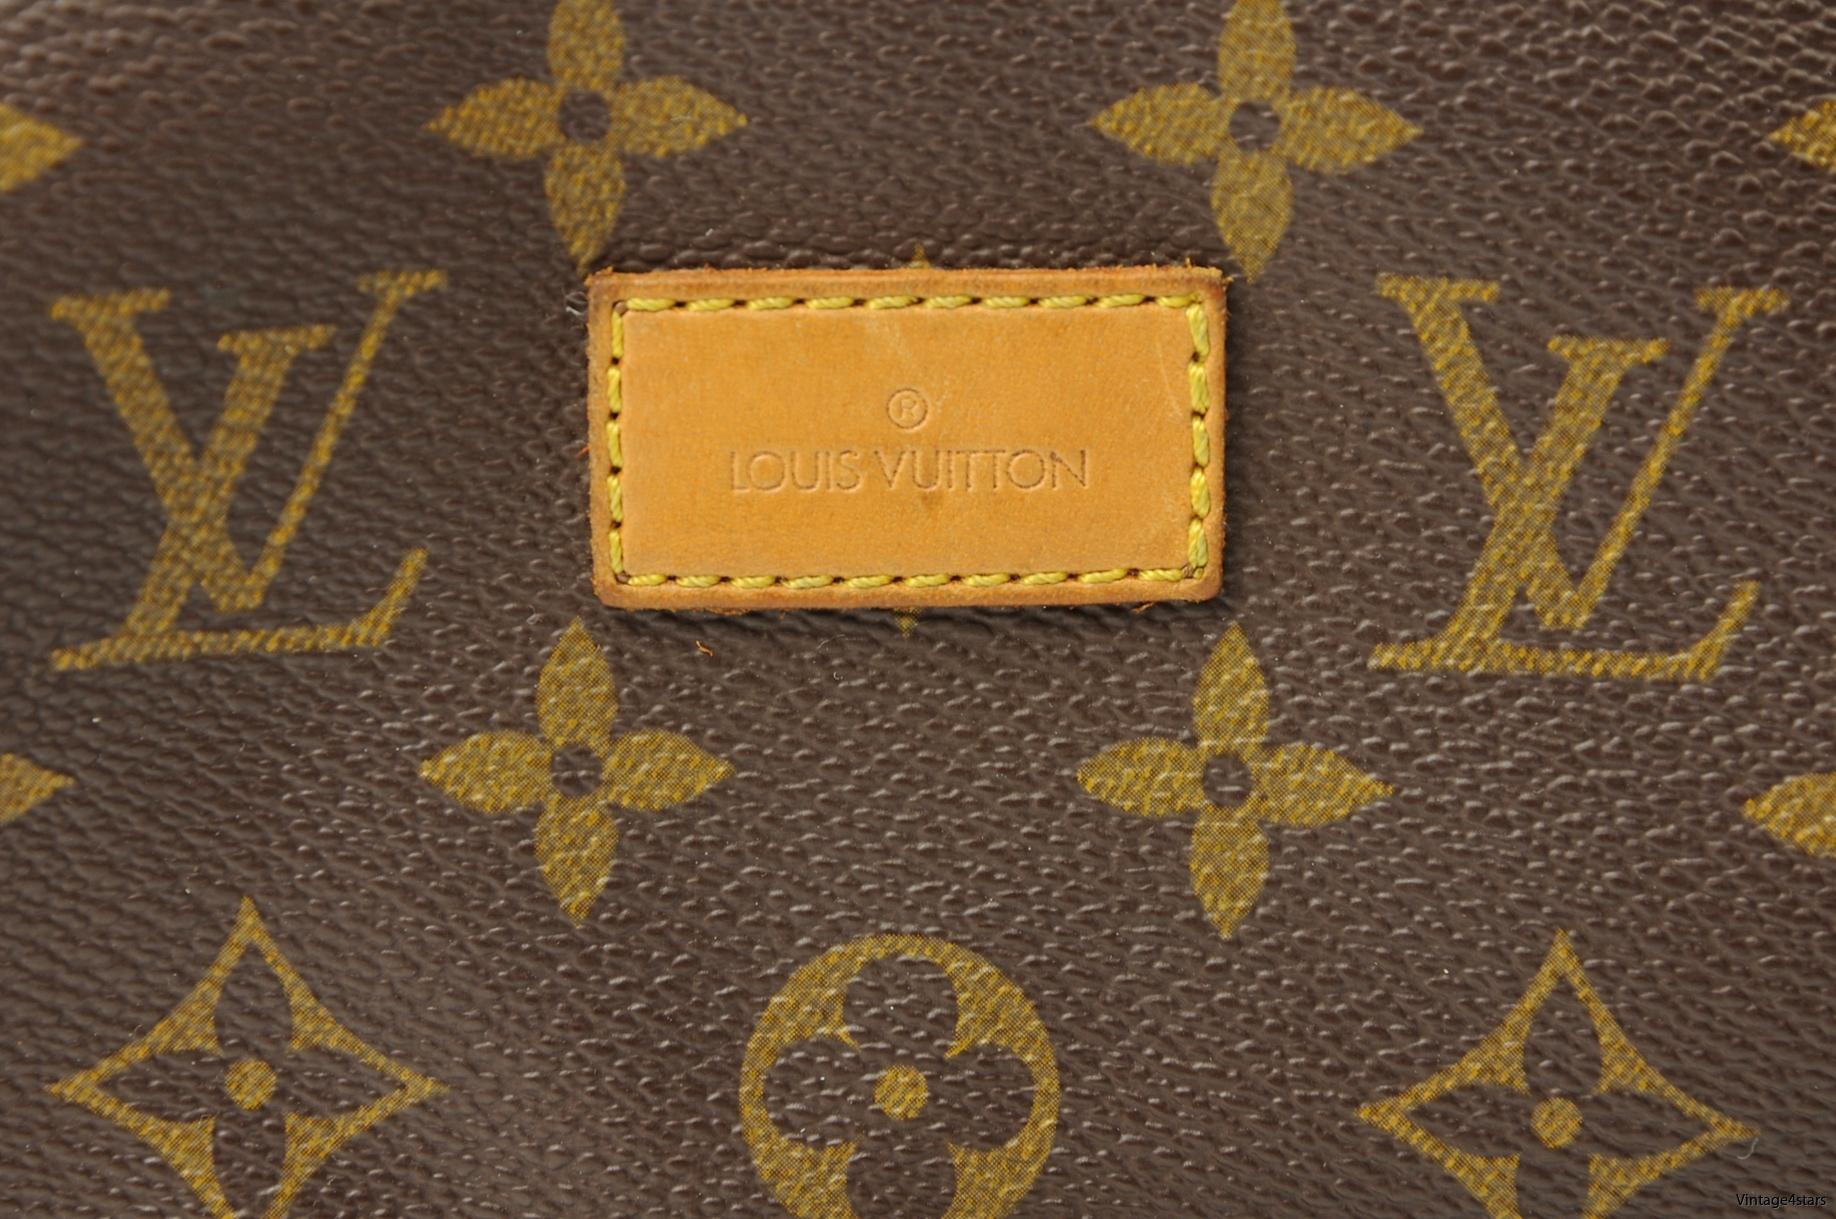 Louis Vuitton Saumur 35 12